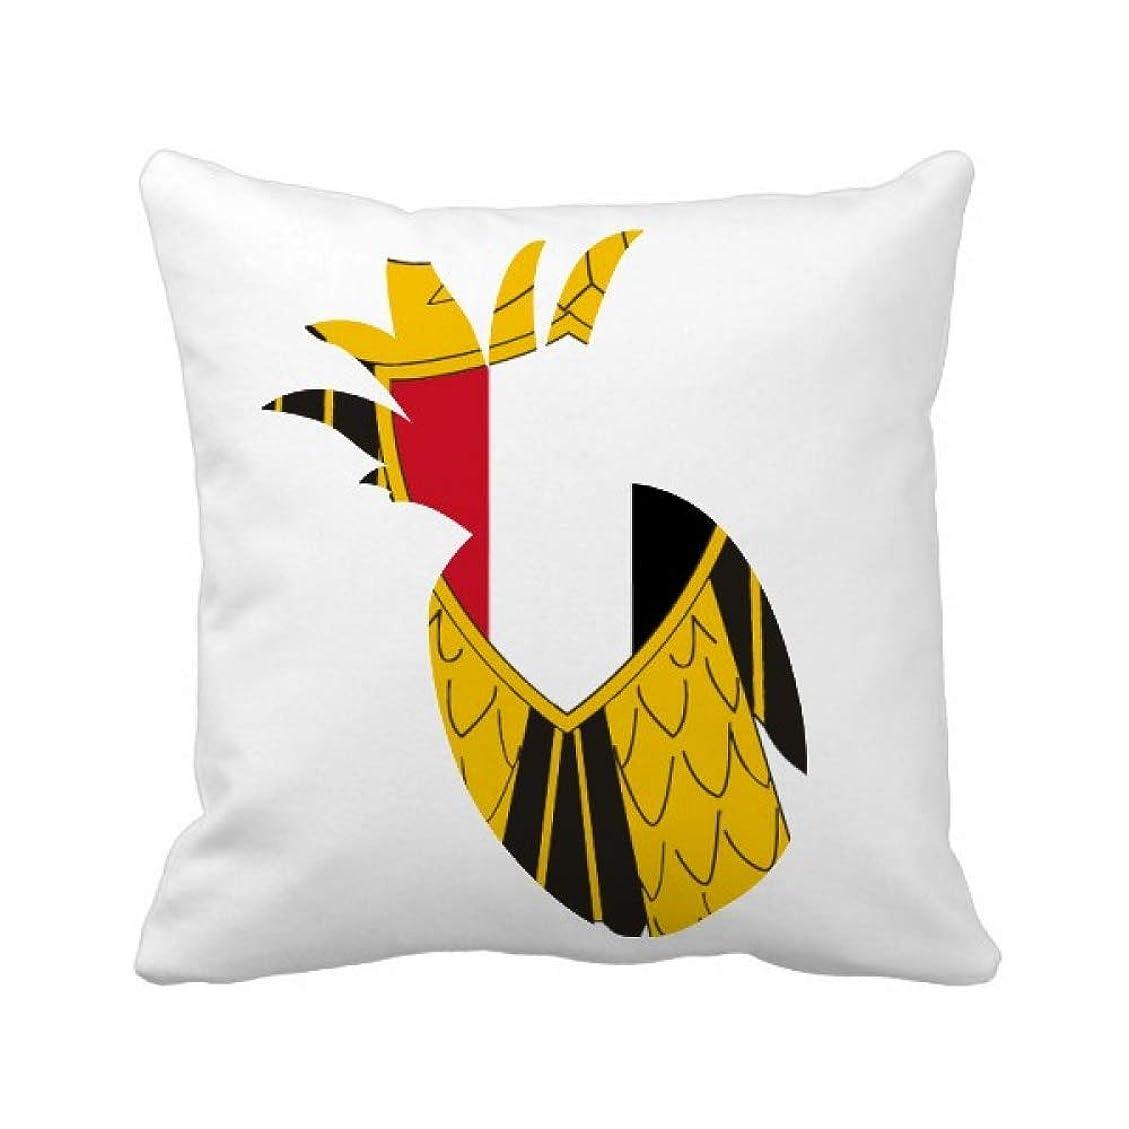 バケット施設制裁エジプトの国章の国 パイナップル枕カバー正方形を投げる 50cm x 50cm